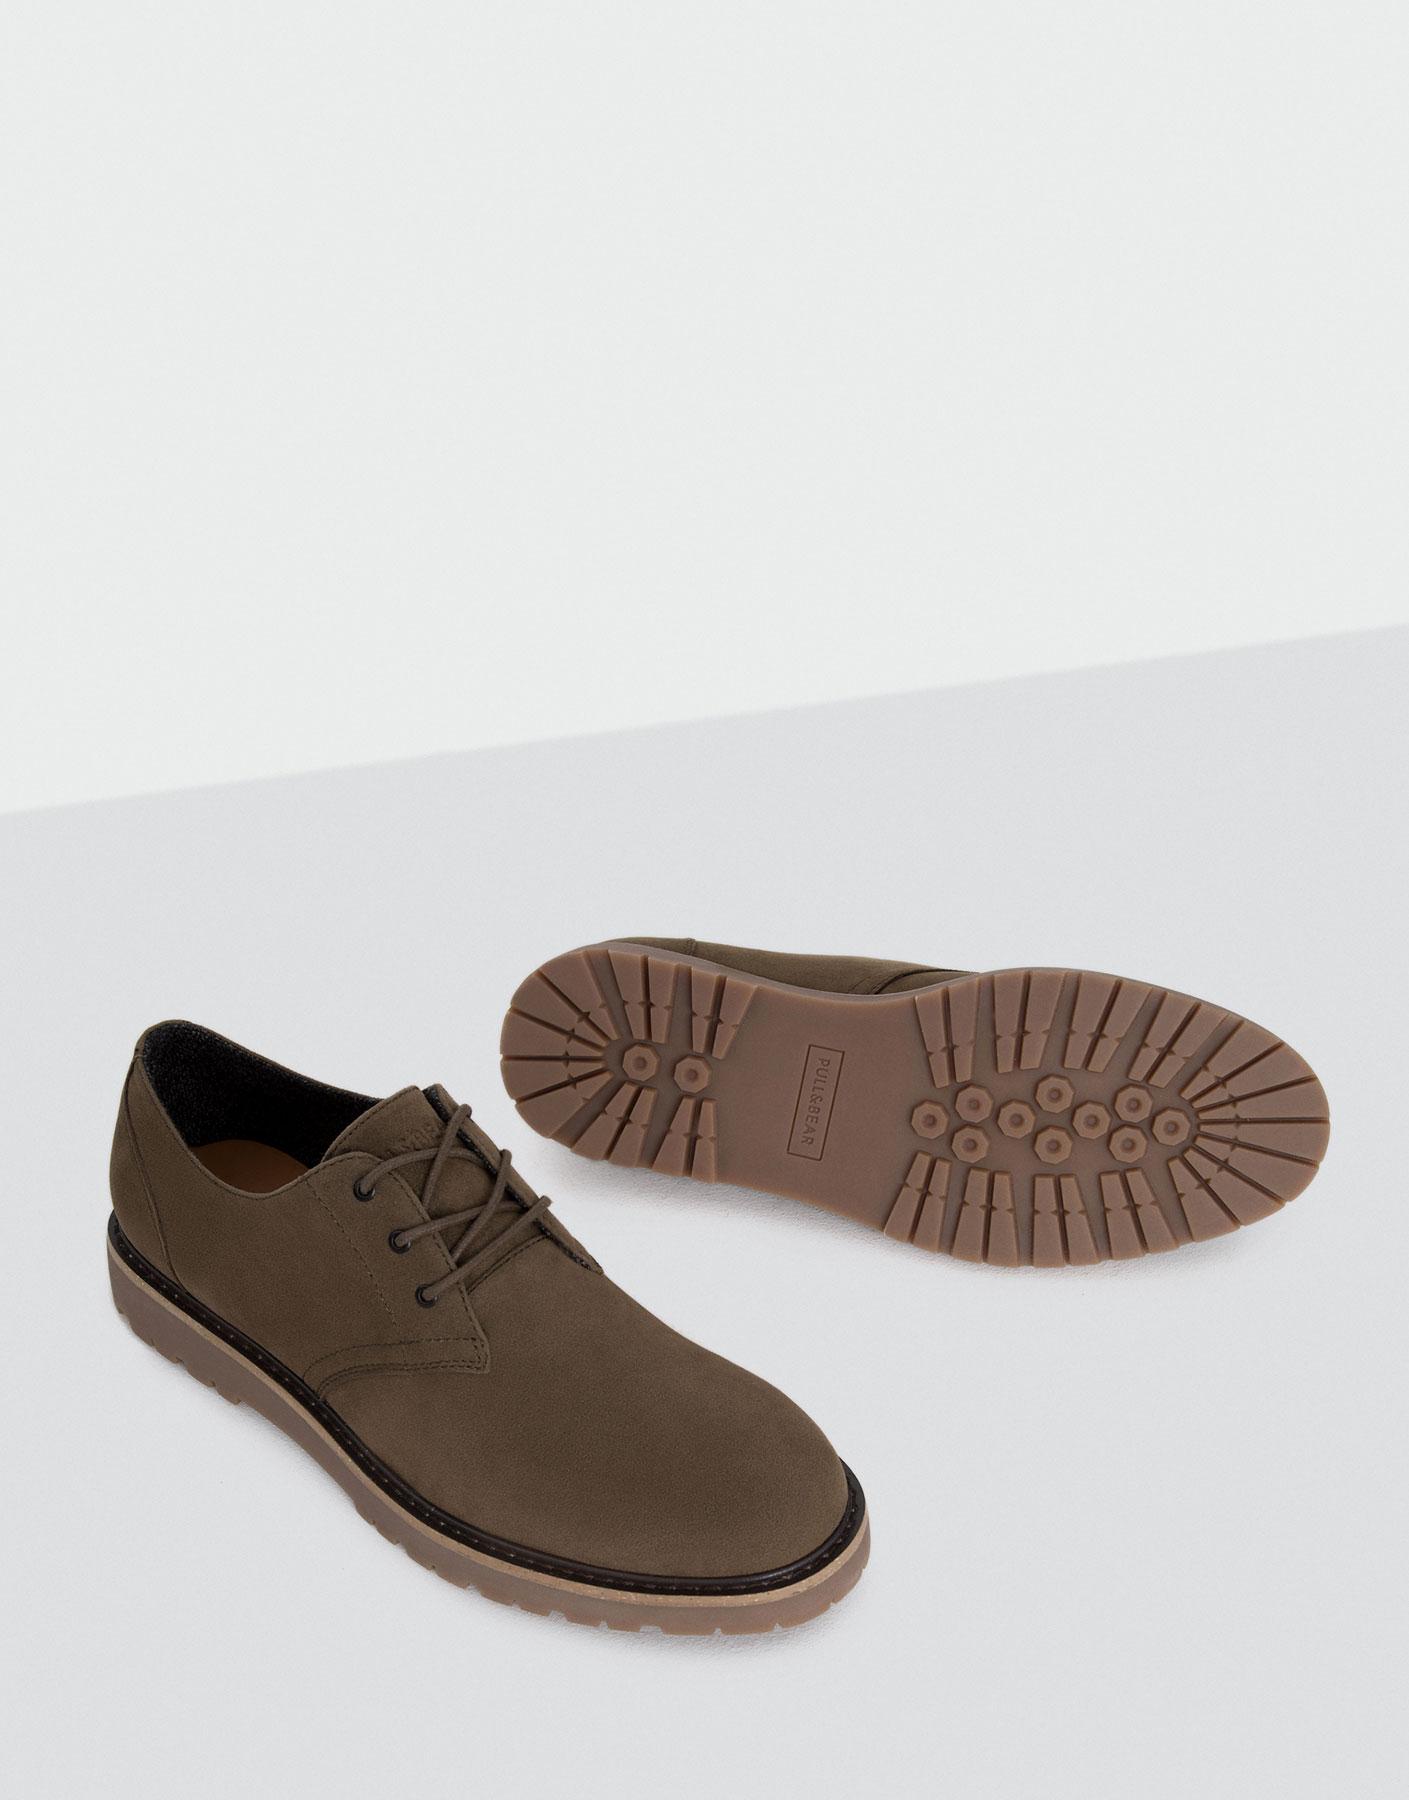 Zapato moda cerco